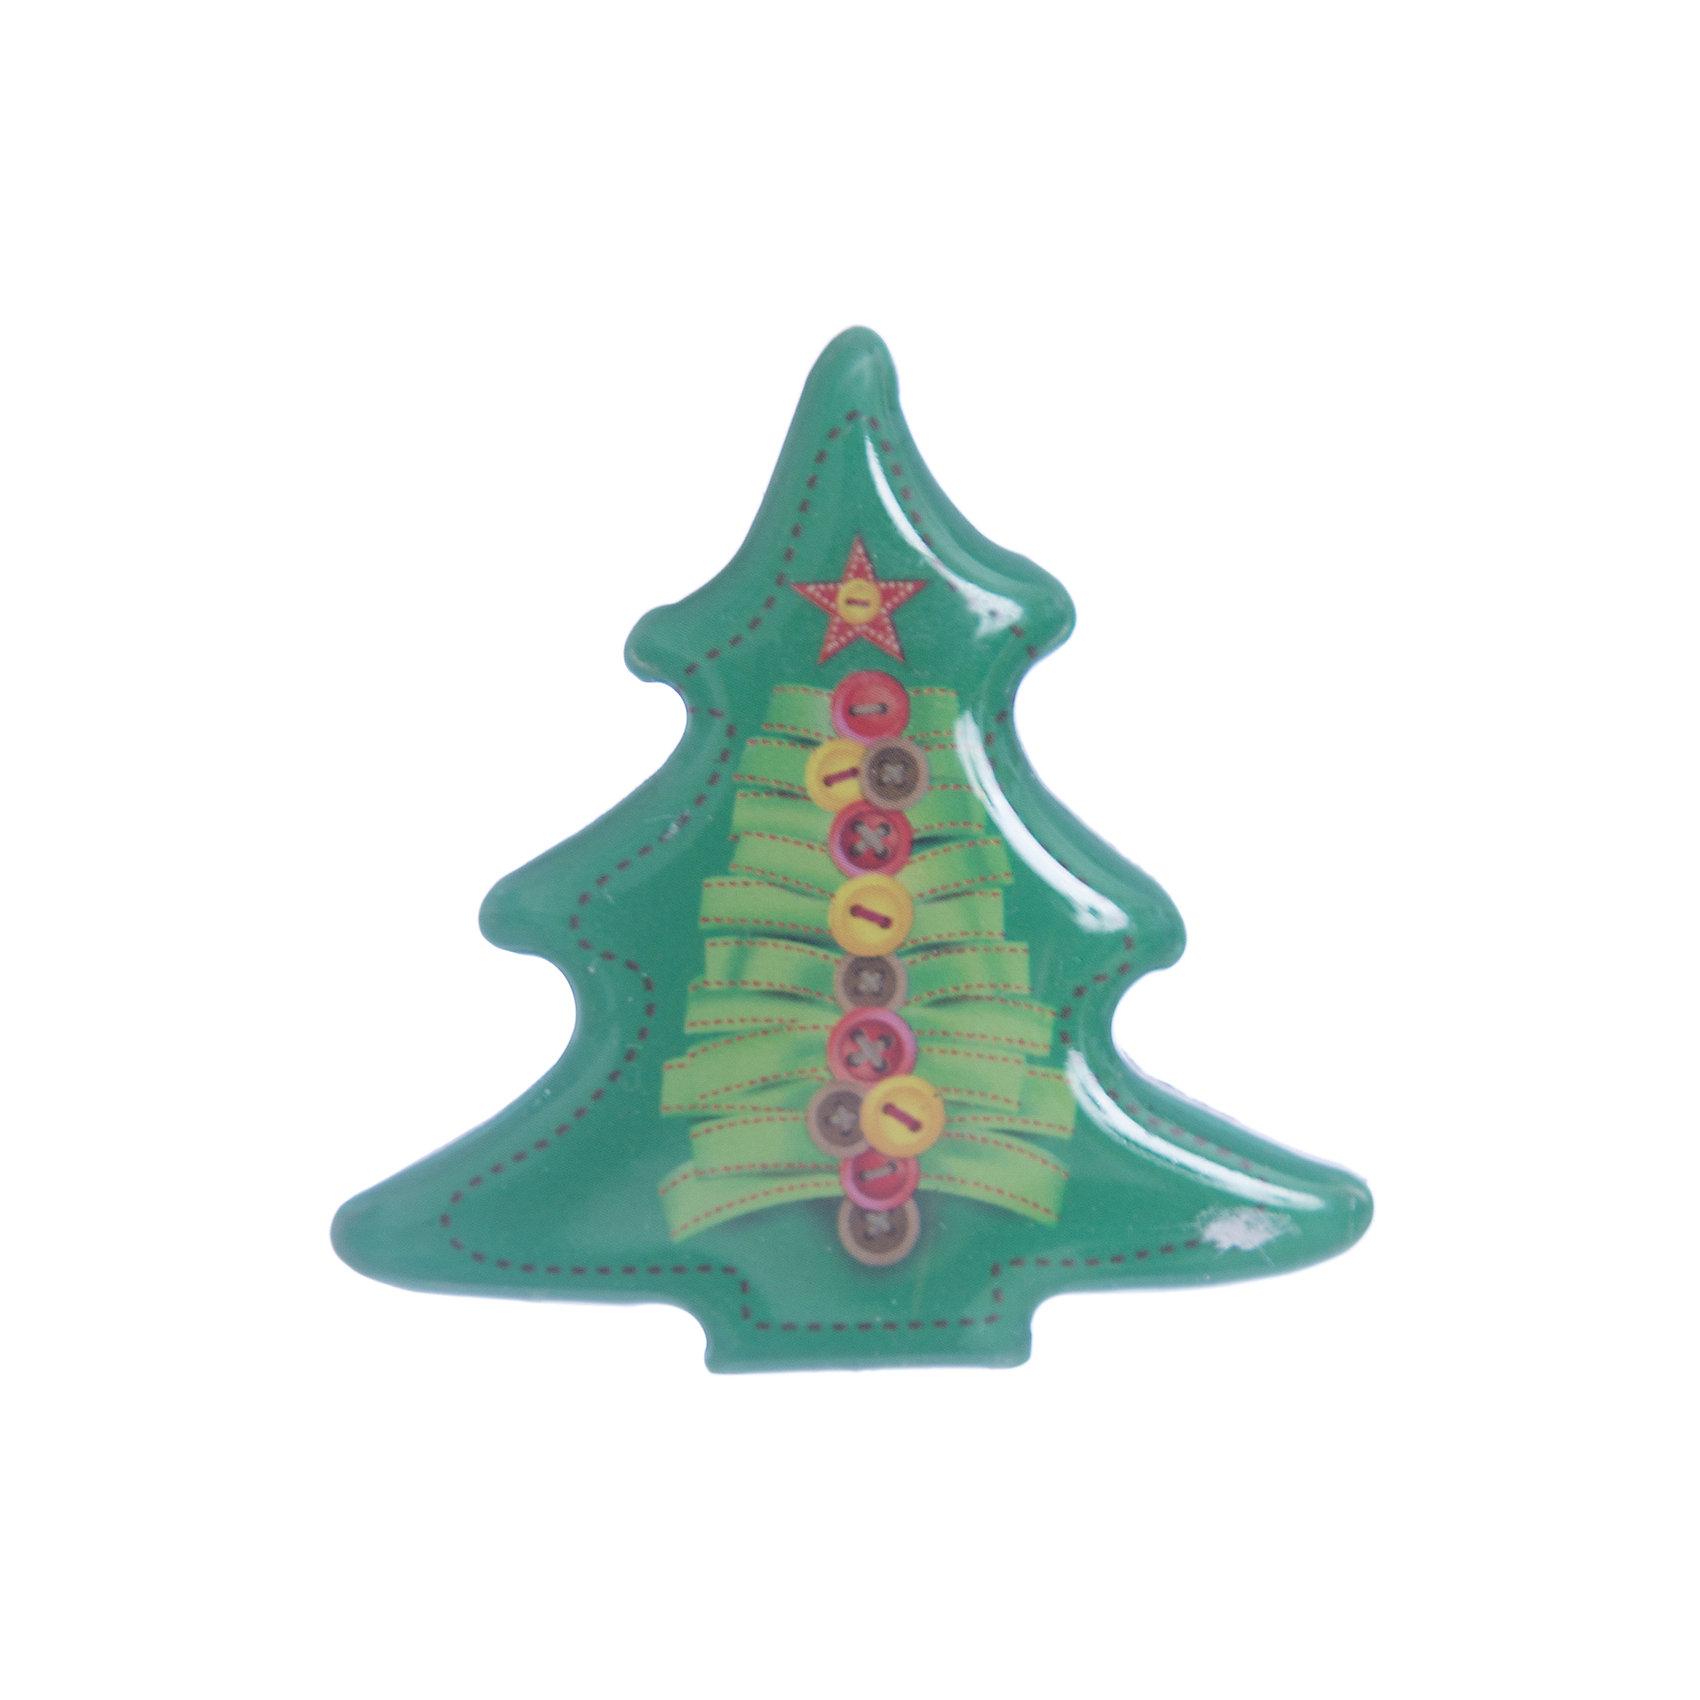 Магнит Нарядная ёлкаМагнит – этот новогодний аксессуар отличный мини-презент для друзей и близких.<br>Магнит послужит не только хорошим дополнением к основному подарку, но и прекрасным украшением любой плоской металлической поверхности. Магнит выполнен в виде елочки, украшенной лентой и пуговицами. Магнит вызывает исключительно положительные эмоции и создает праздничную атмосферу в доме.<br><br>Дополнительная информация:<br><br>- Размер: 5,2 х 5,3 см.<br>- Материал: агломерированный феррит<br><br>Магнит можно купить в нашем интернет-магазине.<br><br>Ширина мм: 60<br>Глубина мм: 60<br>Высота мм: 10<br>Вес г: 35<br>Возраст от месяцев: 36<br>Возраст до месяцев: 2147483647<br>Пол: Унисекс<br>Возраст: Детский<br>SKU: 4276476